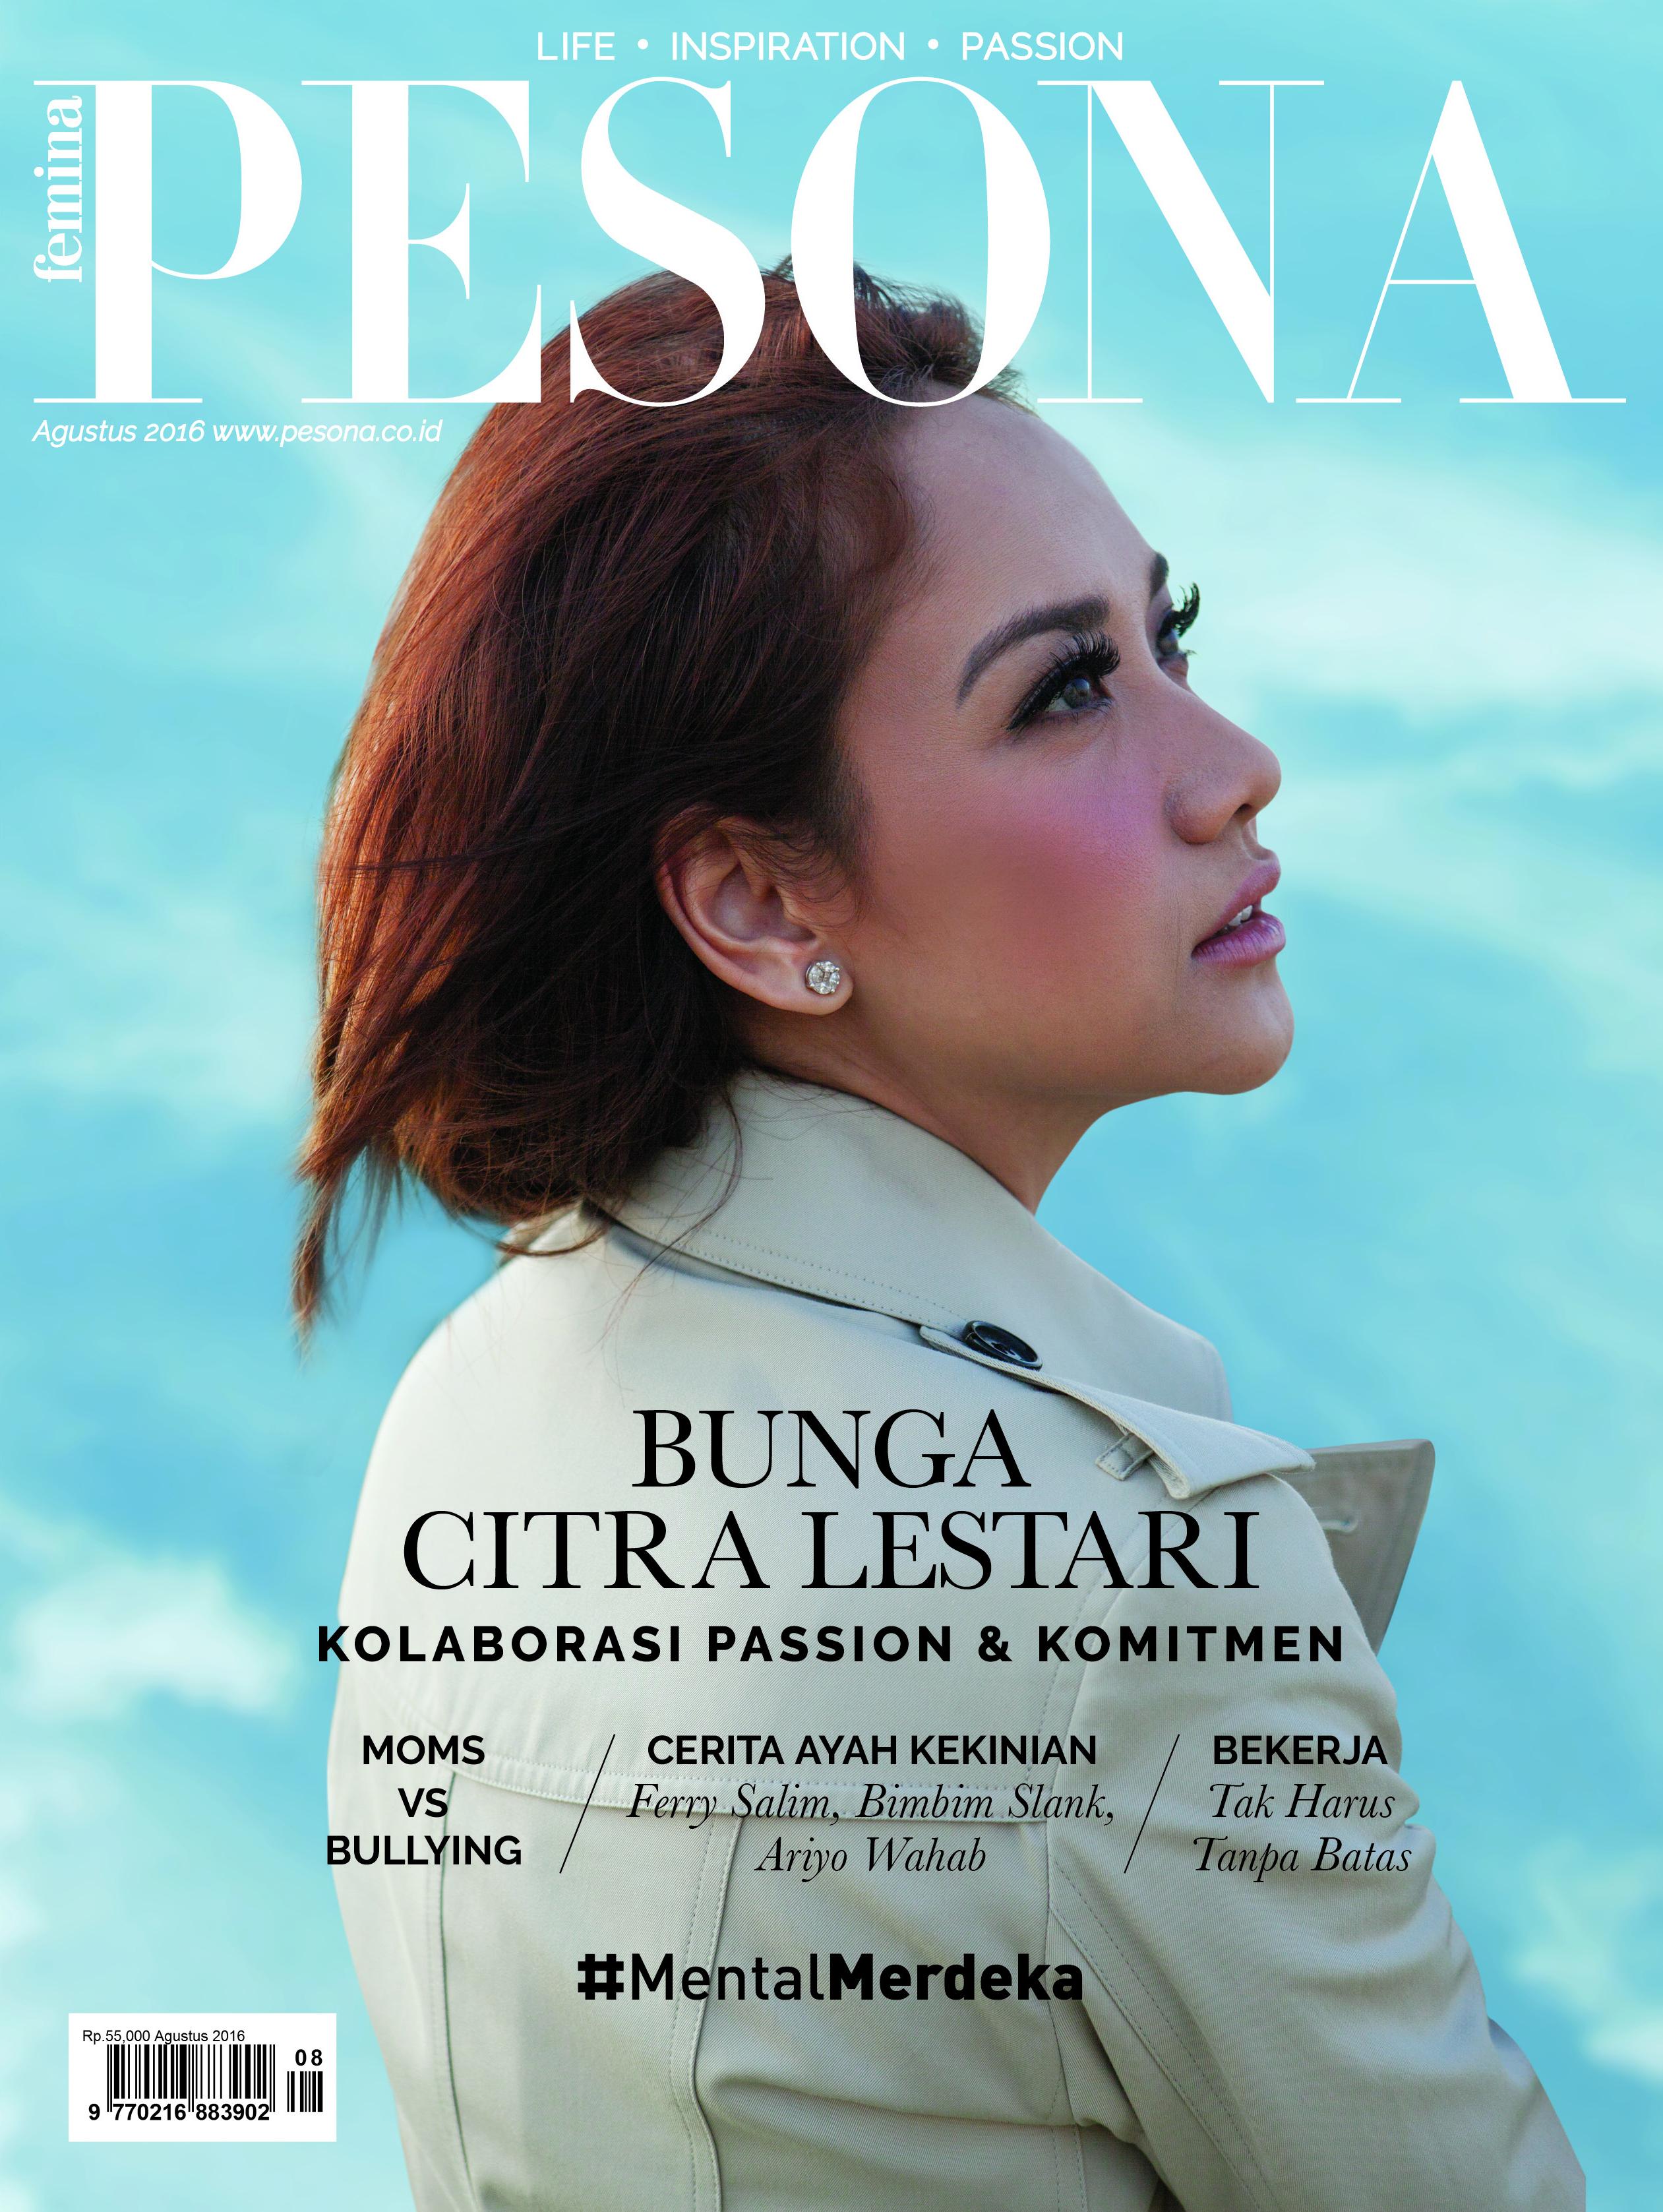 Majalah Pesona edisi Agustus 2016